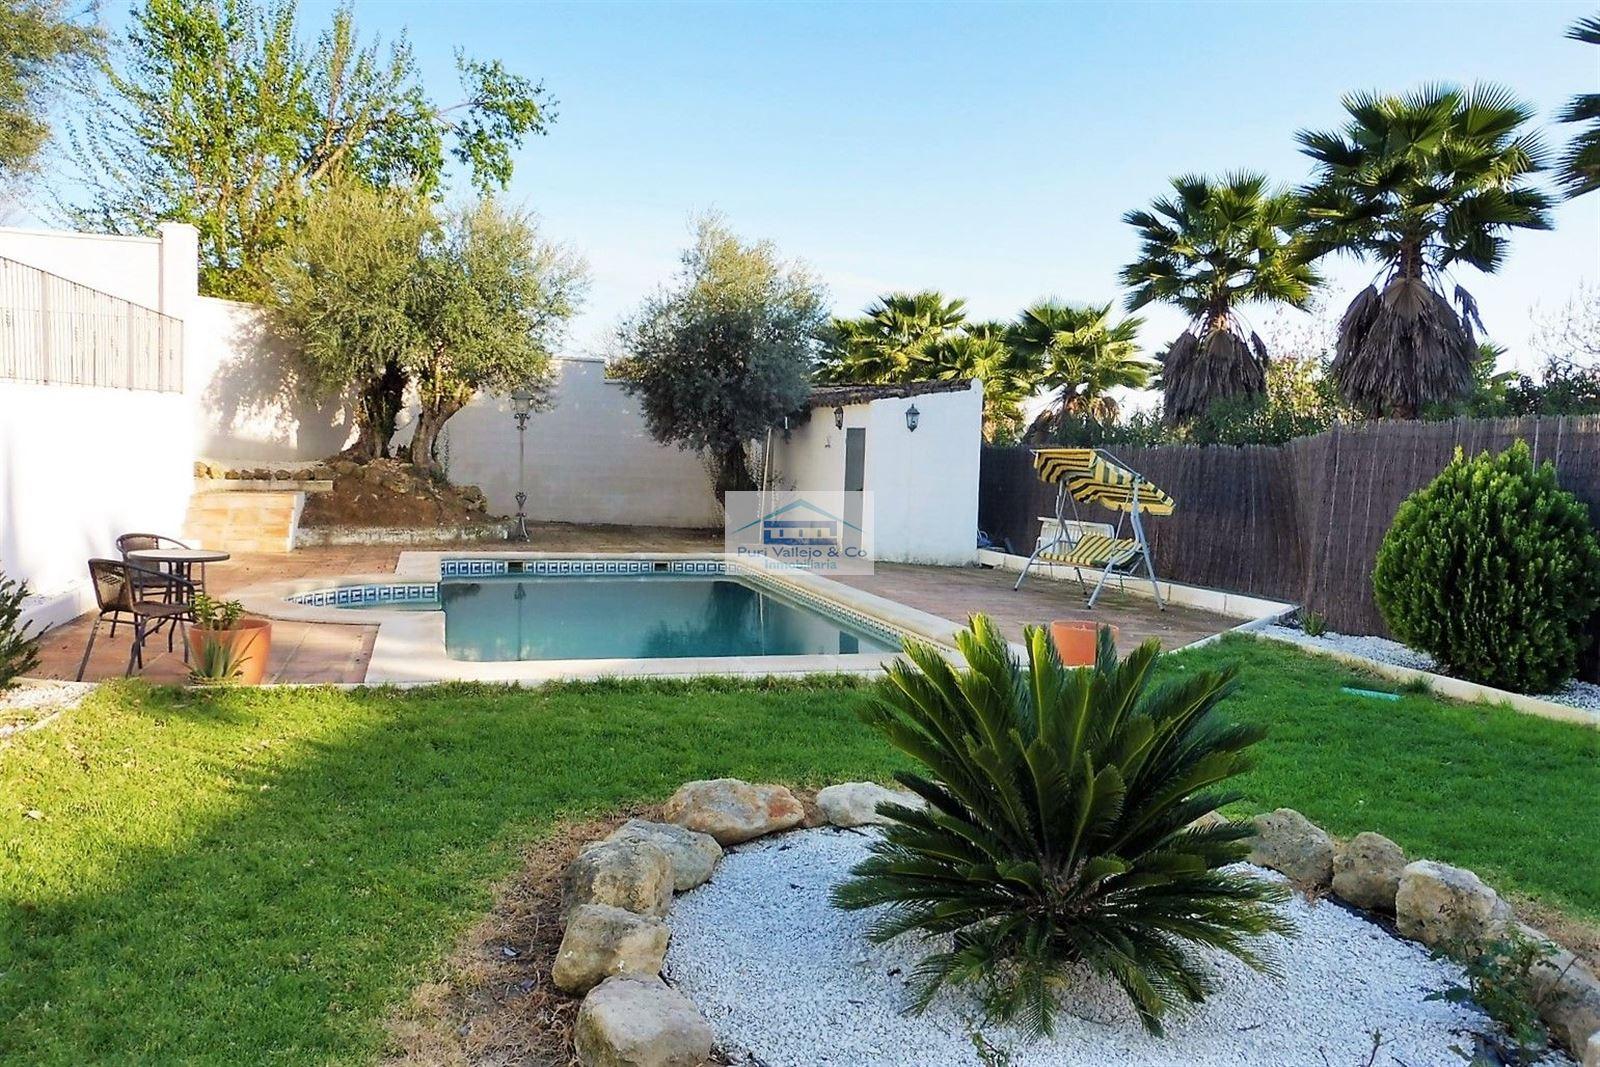 Chalet adosado en una sola planta con piscina independiente.